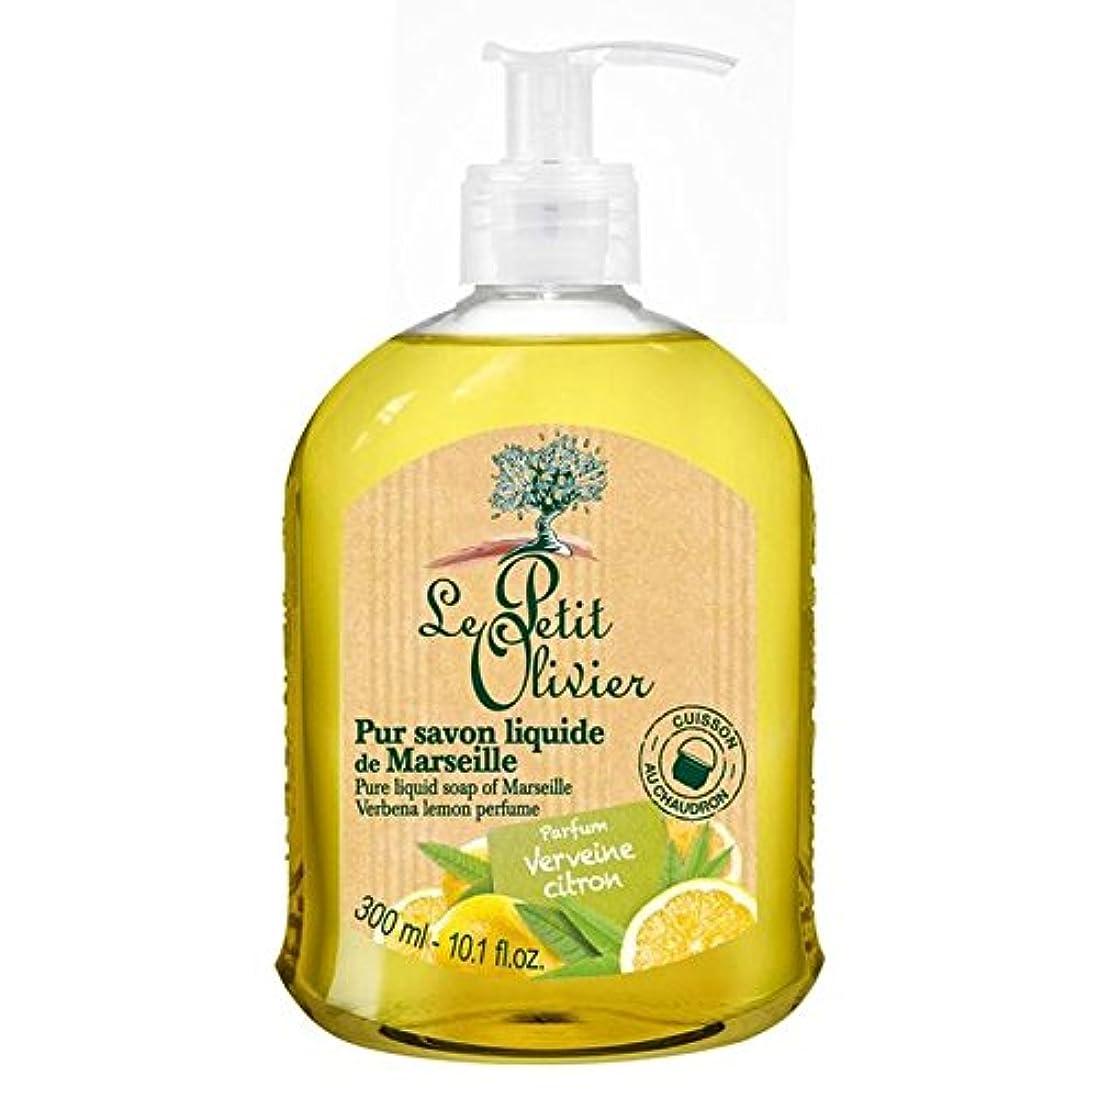 エラー販売員ストラップマルセイユのル?プティ?オリヴィエ純粋な液体石鹸、バーベナレモン300ミリリットル x2 - Le Petit Olivier Pure Liquid Soap of Marseille, Verbena Lemon 300ml...